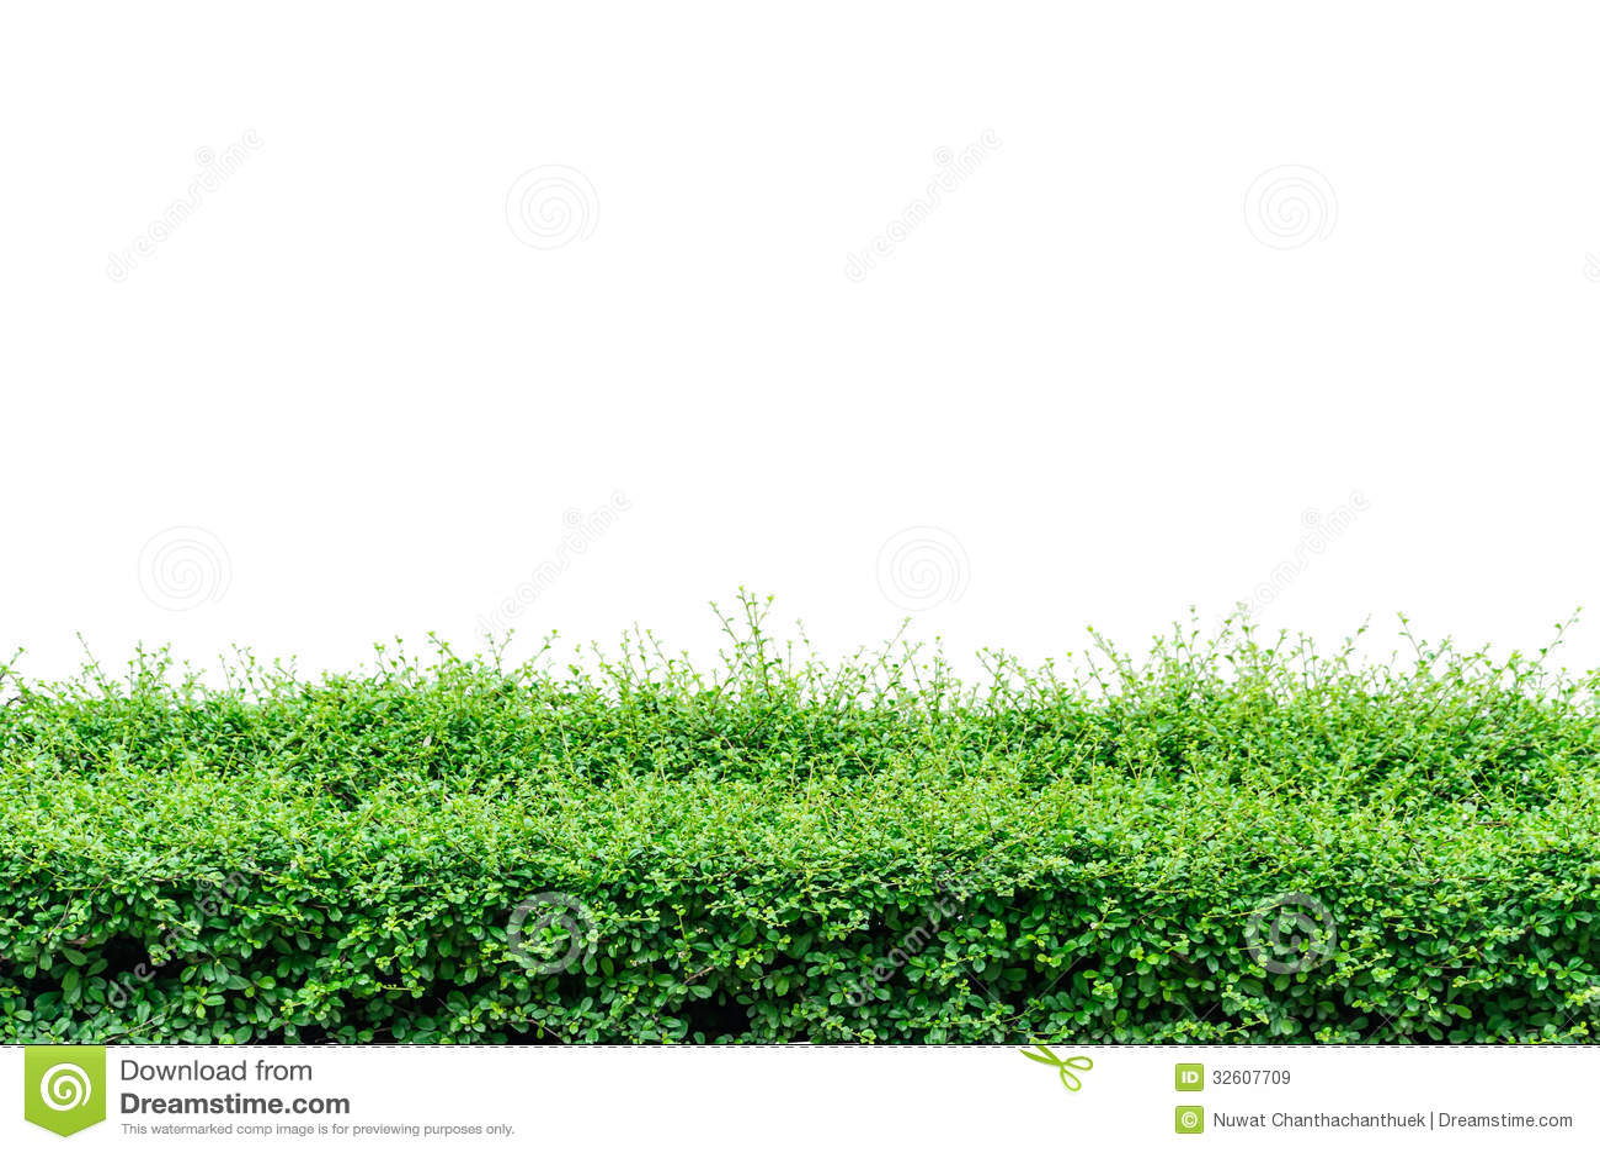 Bushes Fence Royalty Free Stock Images - Image: 32607709